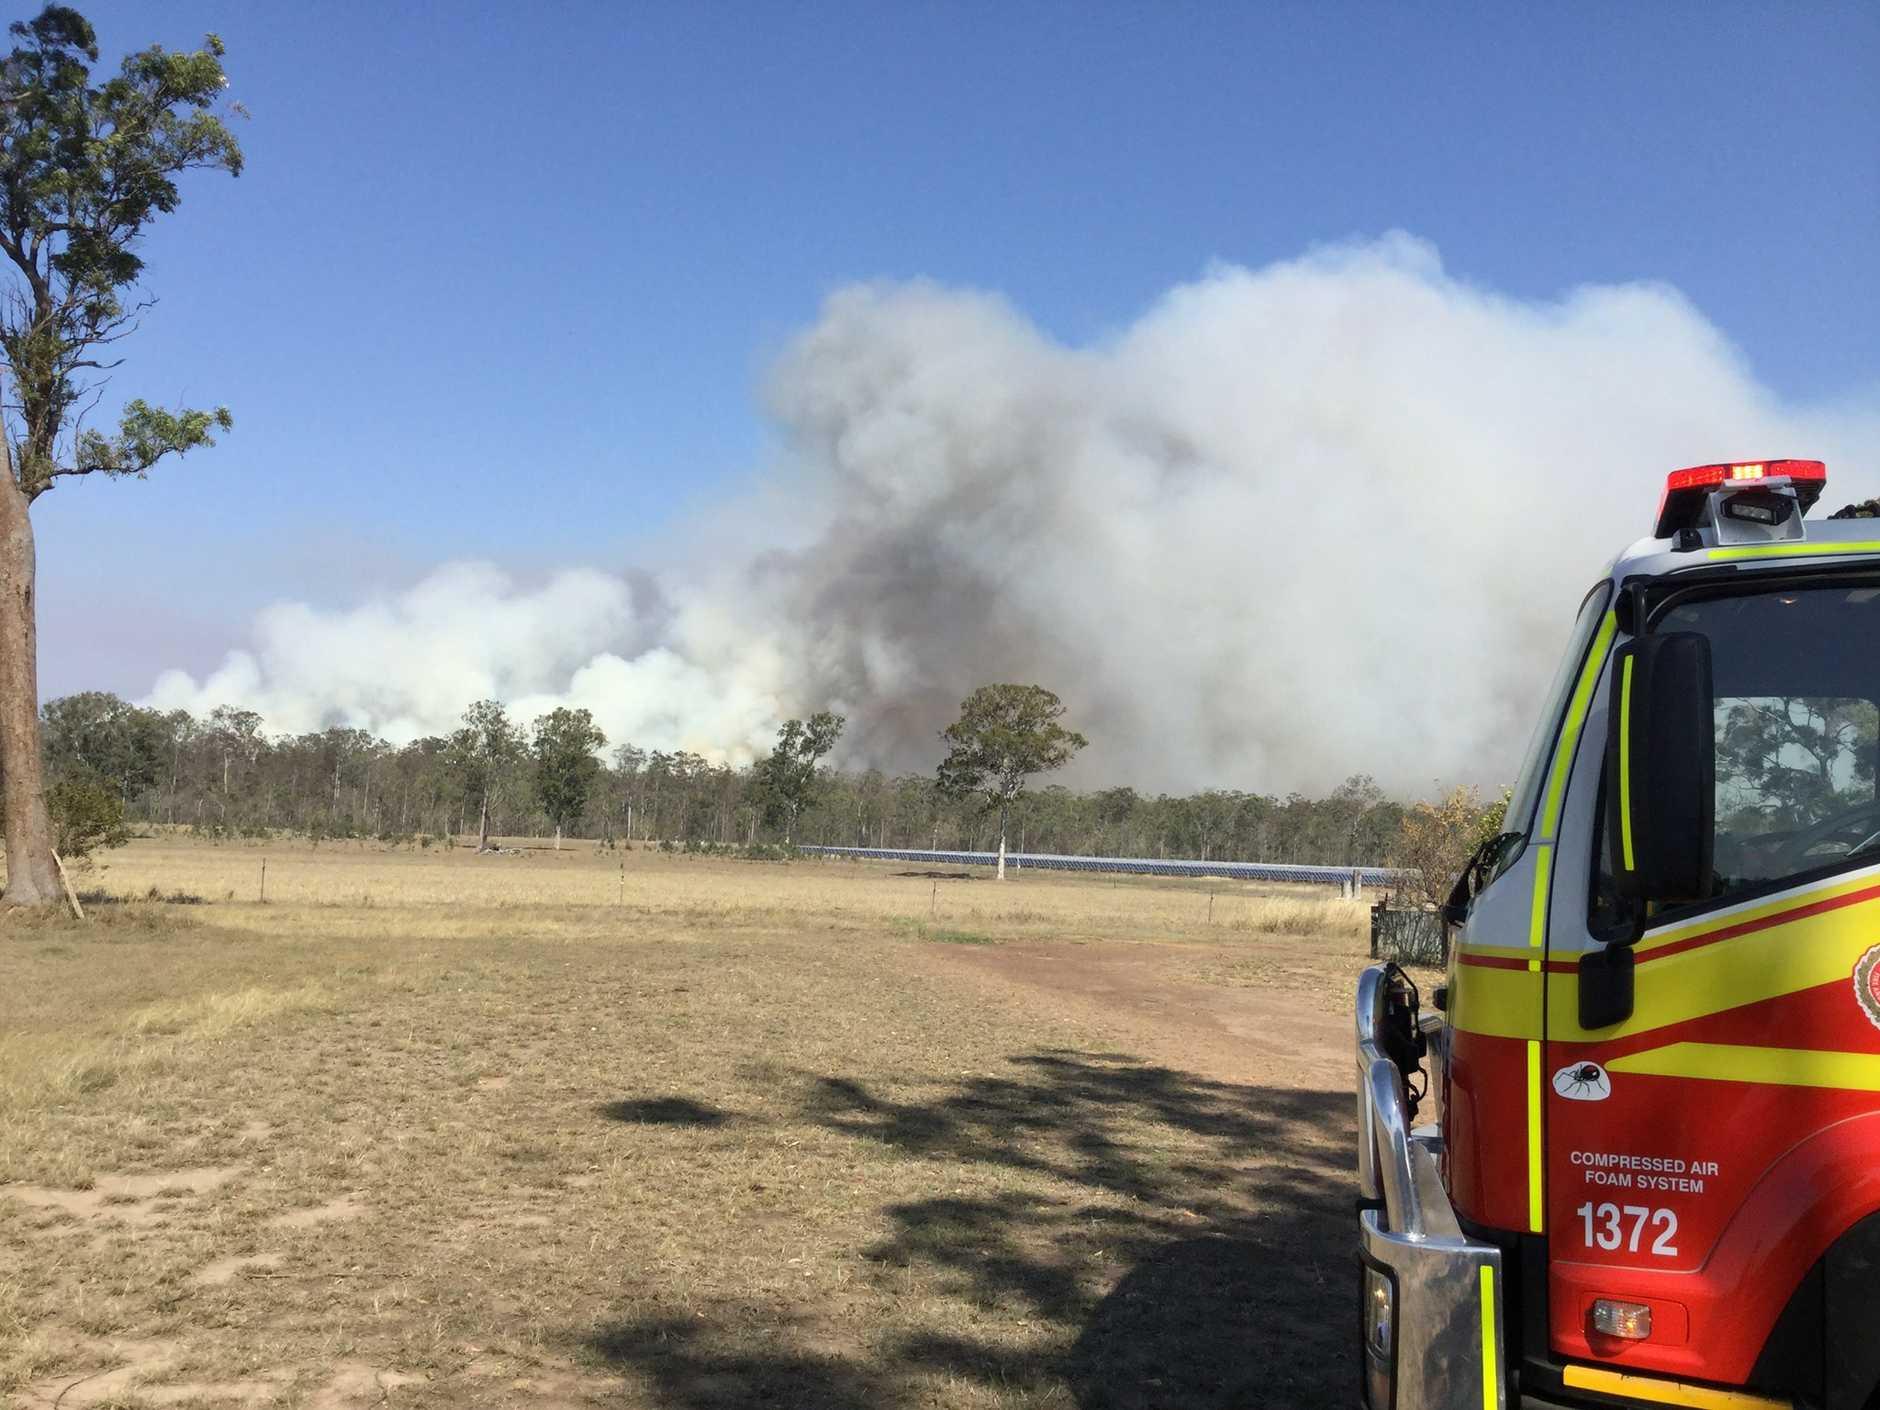 The scene of a bushfire at Cherwell.